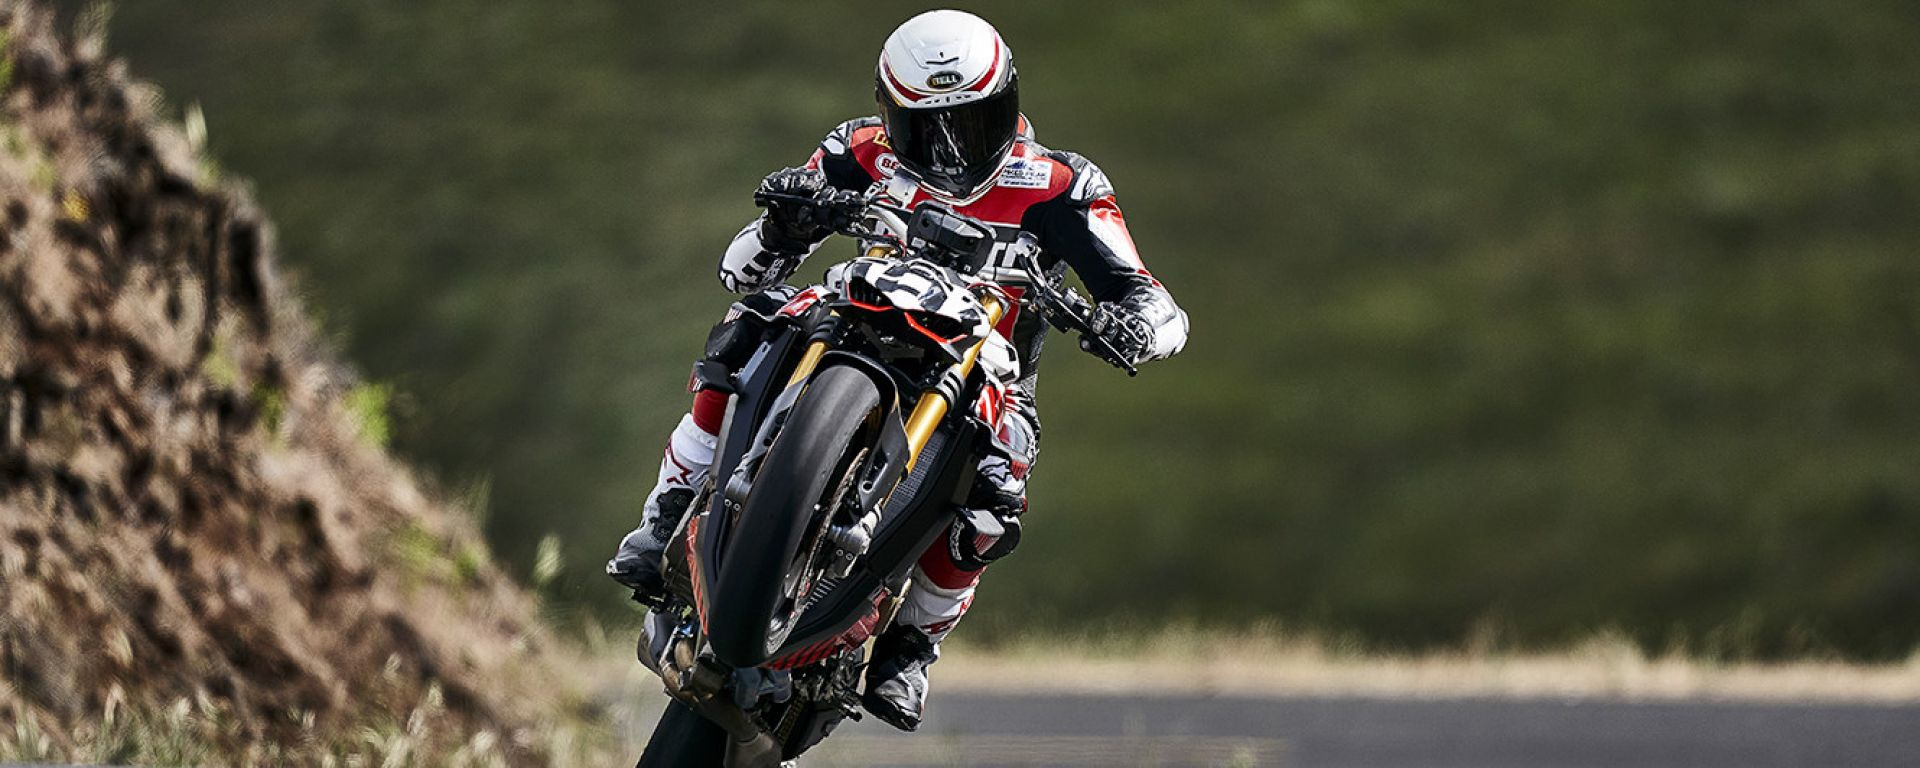 Ducati Streetfighter V4 alla Pikes Peak